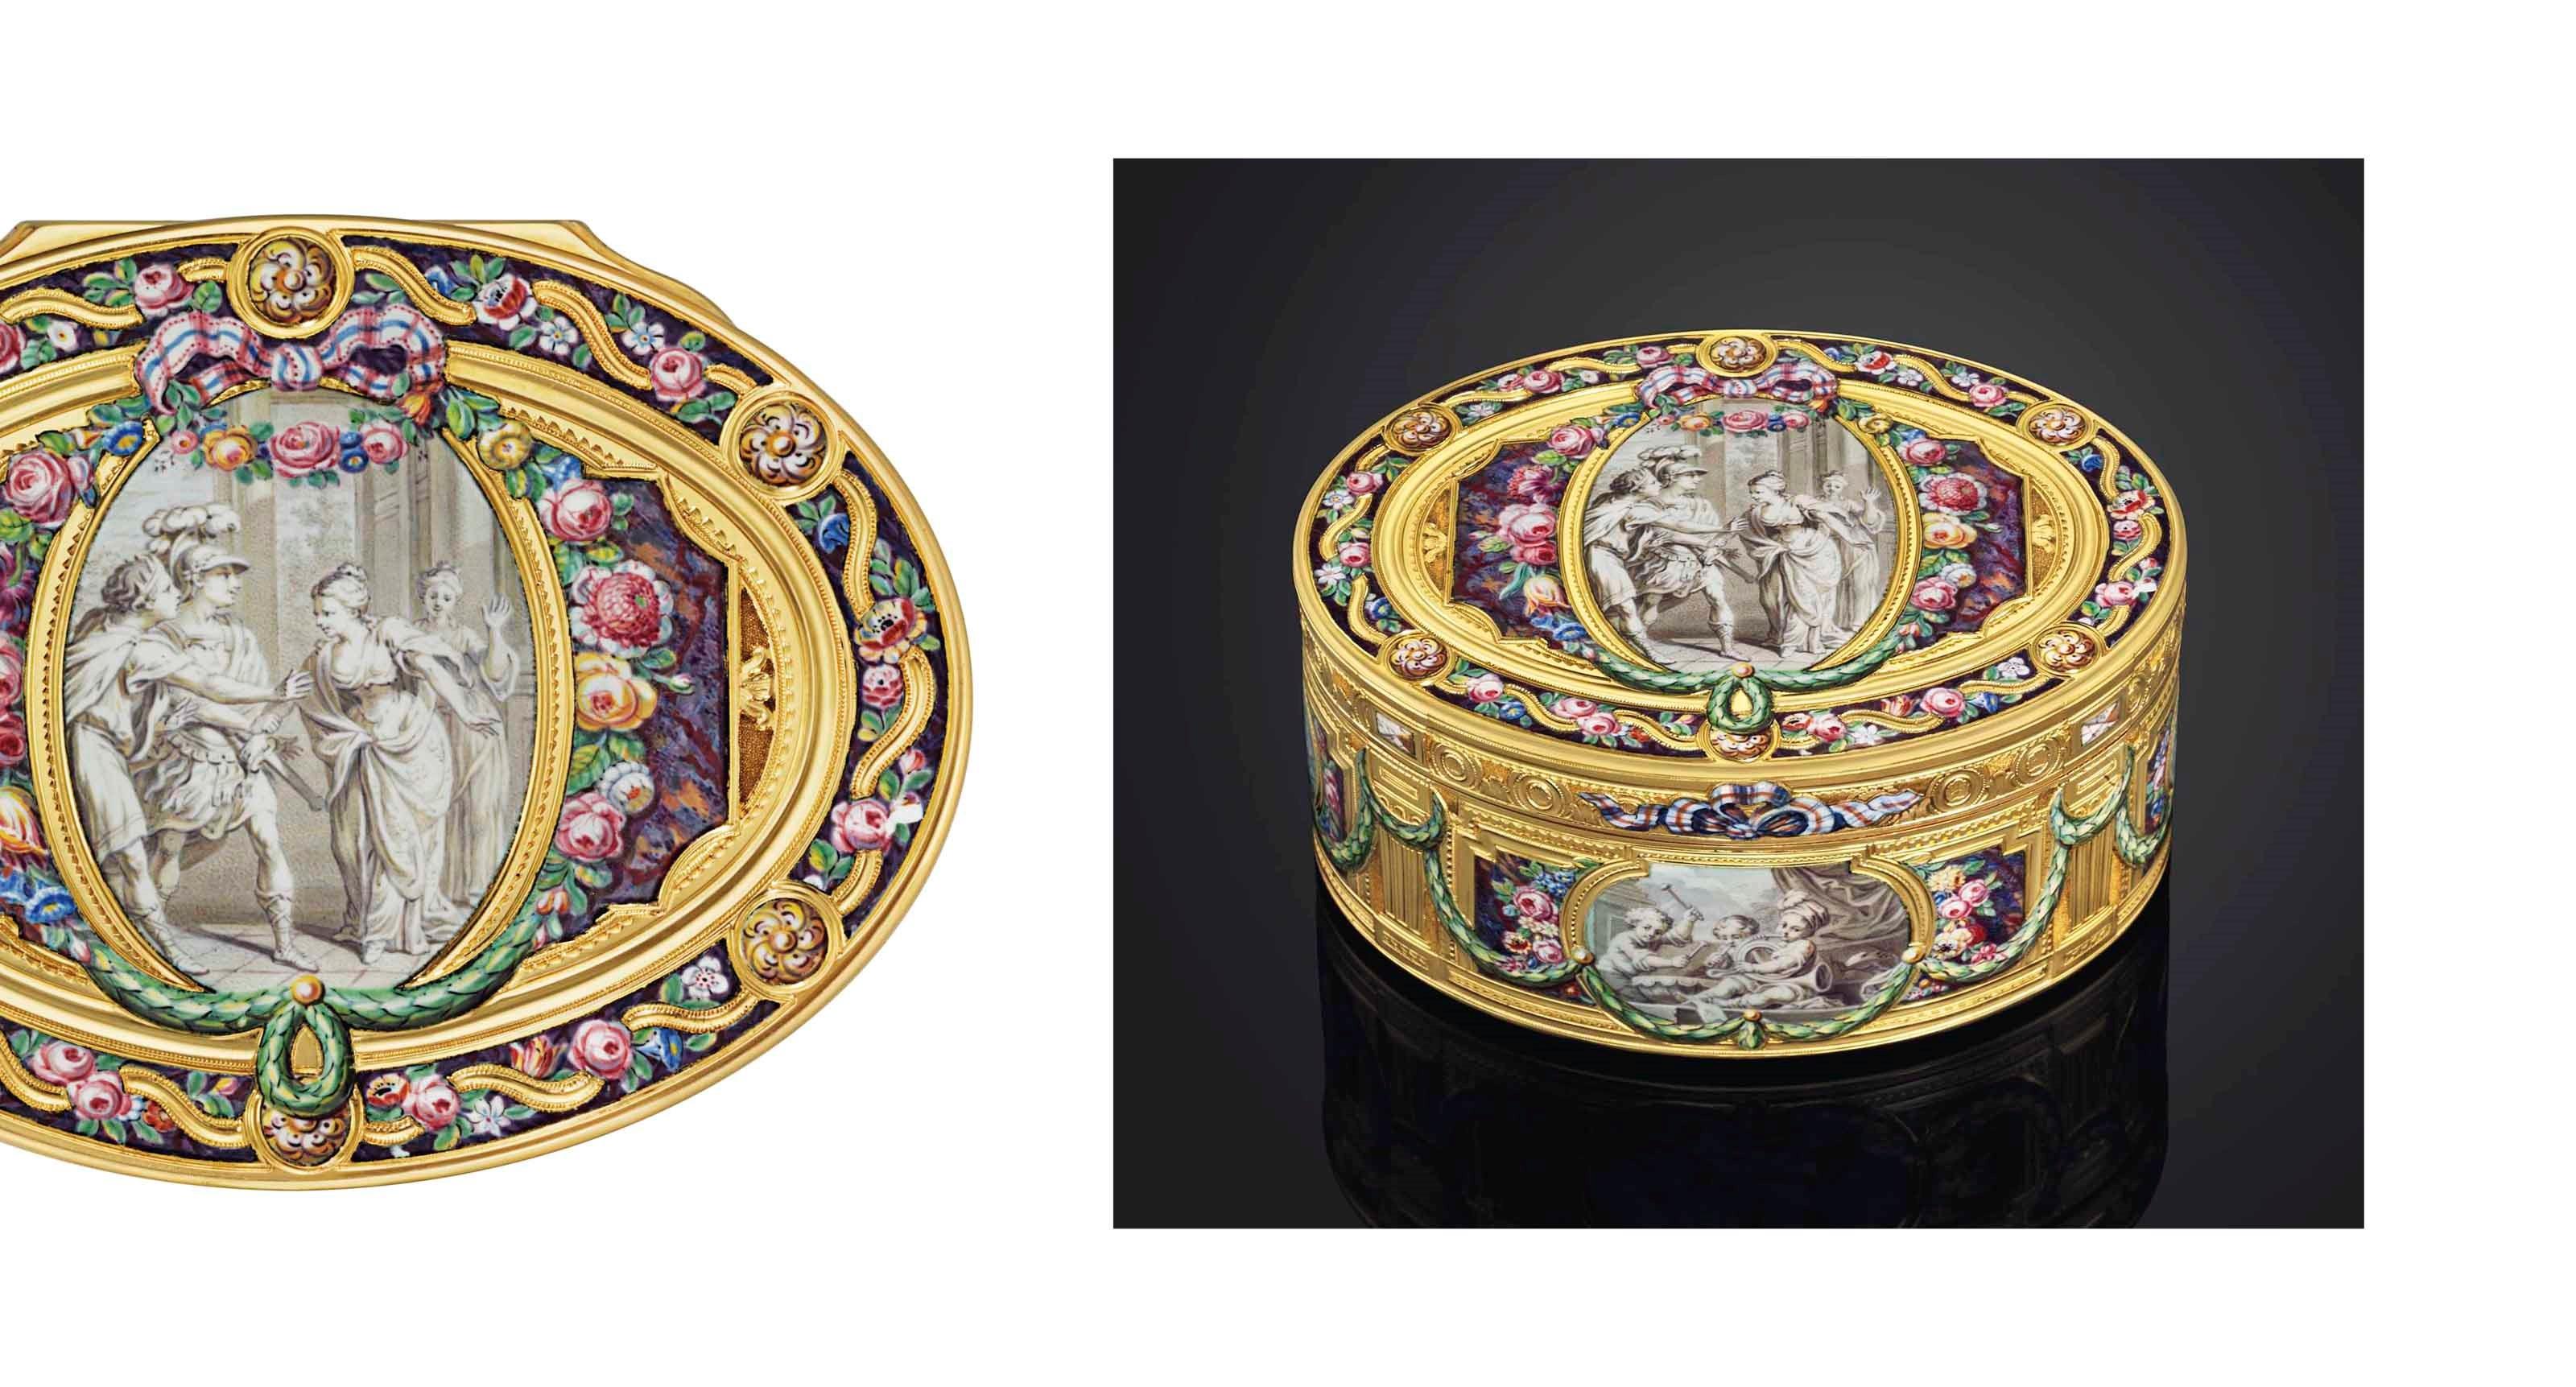 非常重要路易十五世珐琅黄金鼻烟盒,制作金匠为Louis Charonnat (活跃于1748-1780),约1767-1768年间制于巴黎,印有Jean-Jacques Prevost 1762-1768年间的生产金标,以及Julien Alaterre 1768-1774年间的流通金标,鼻烟盒的珐琅工艺由Charles-Jacques de Mailly (1740-1817) 完成。宽3⅜吋 (8.5公分)。此拍品于2013年11月26至27日在佳士得伦敦以506,500英镑成交。